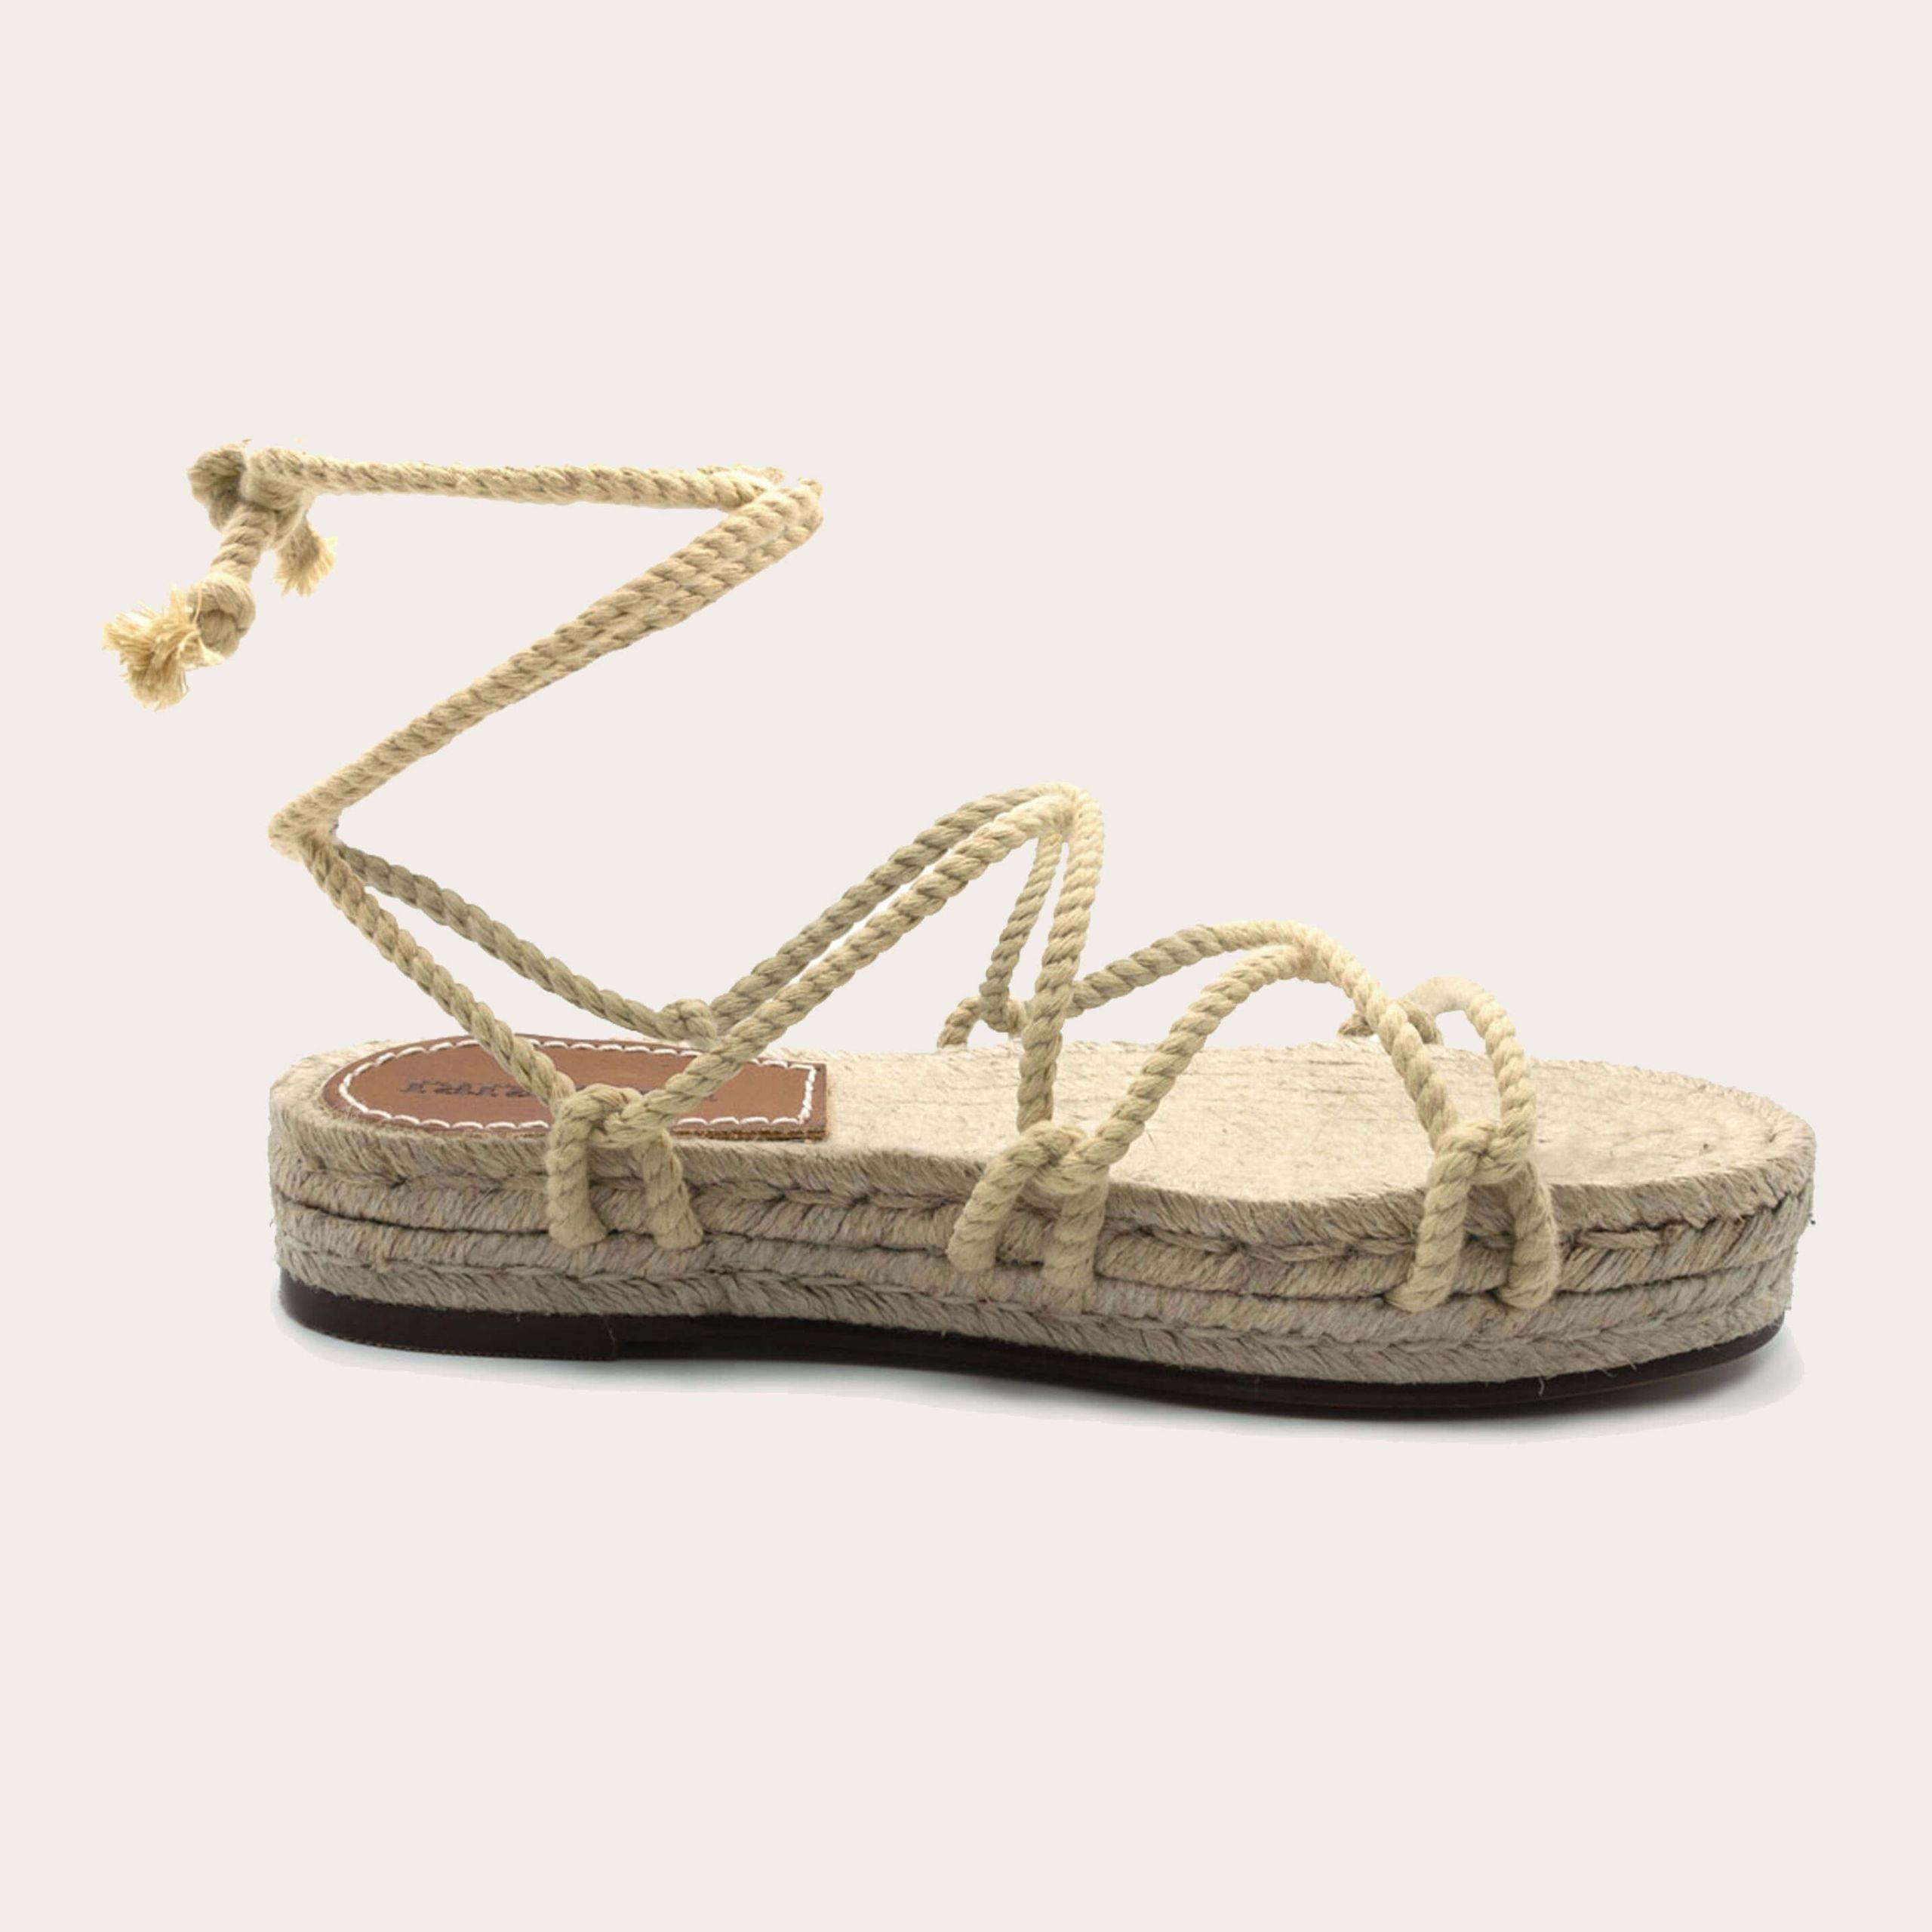 cruz-high_1_lintsandalen sandals travelsandals vegan sustainable sandals wikkelsandalenlintsandalen sandals travelsandals vegan sustainable sandals wikkelsandalen